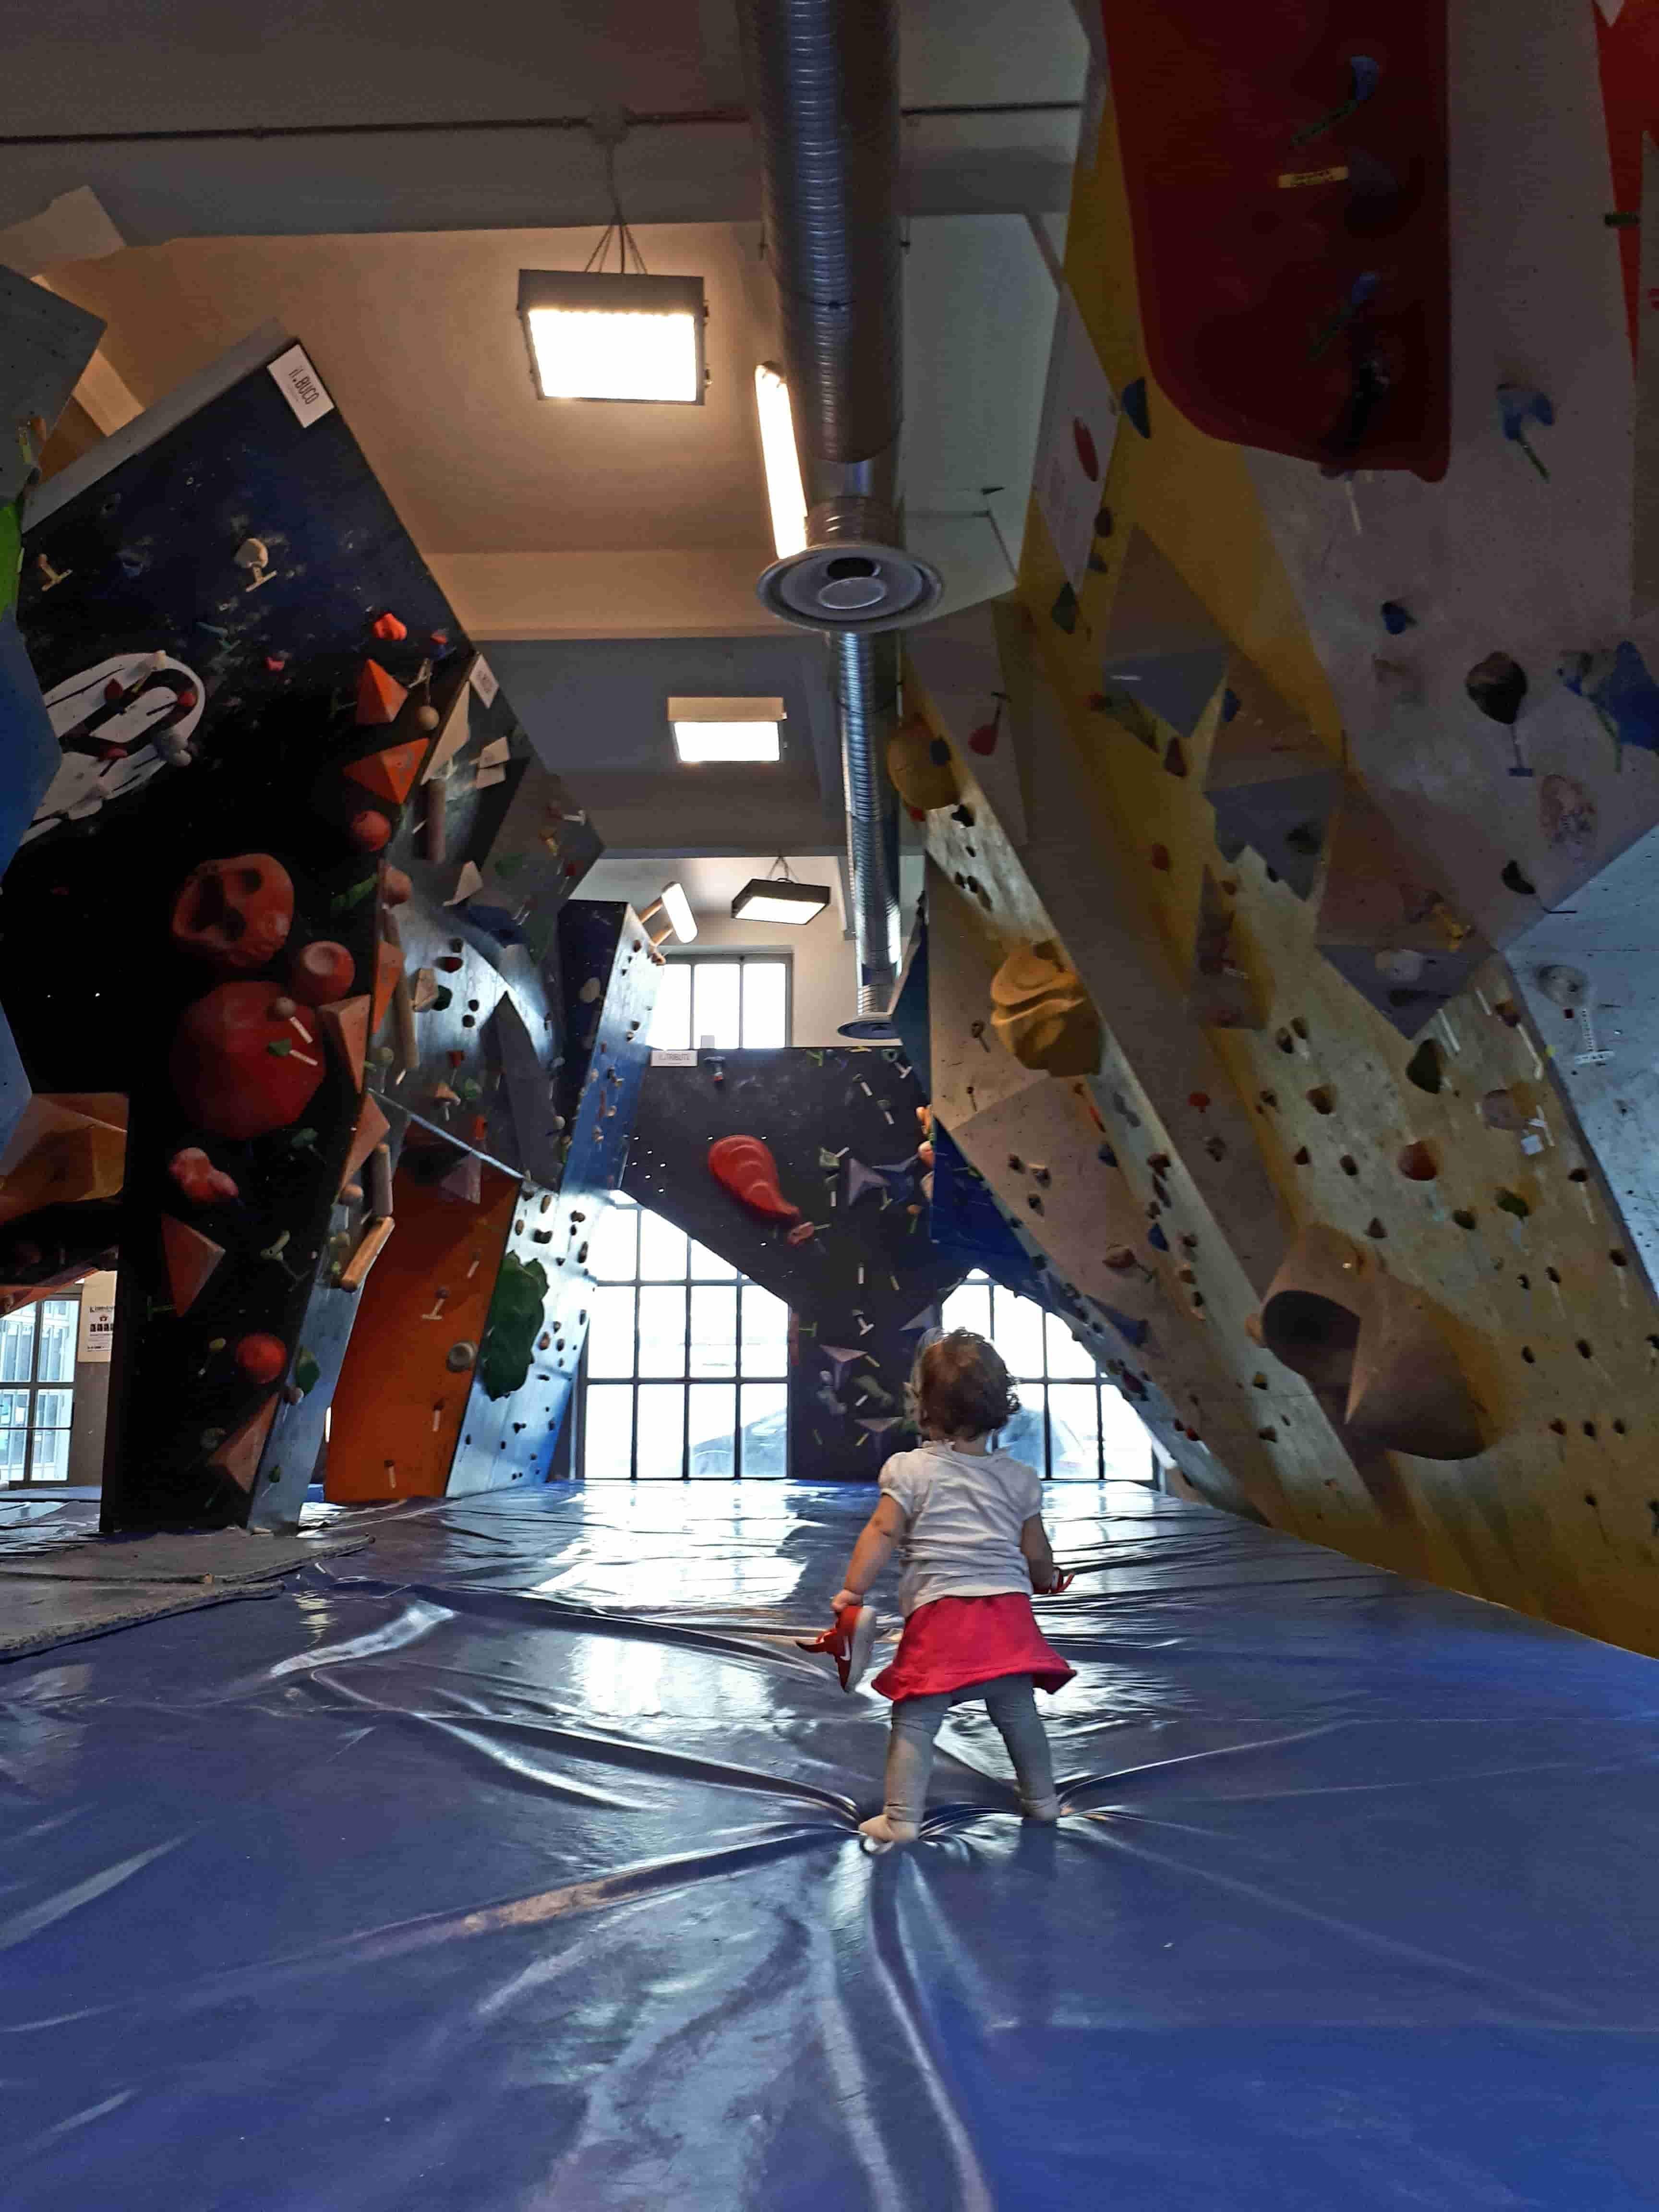 Bambini e arrampicata: quando iniziare? - Te lo dice Oliunìd